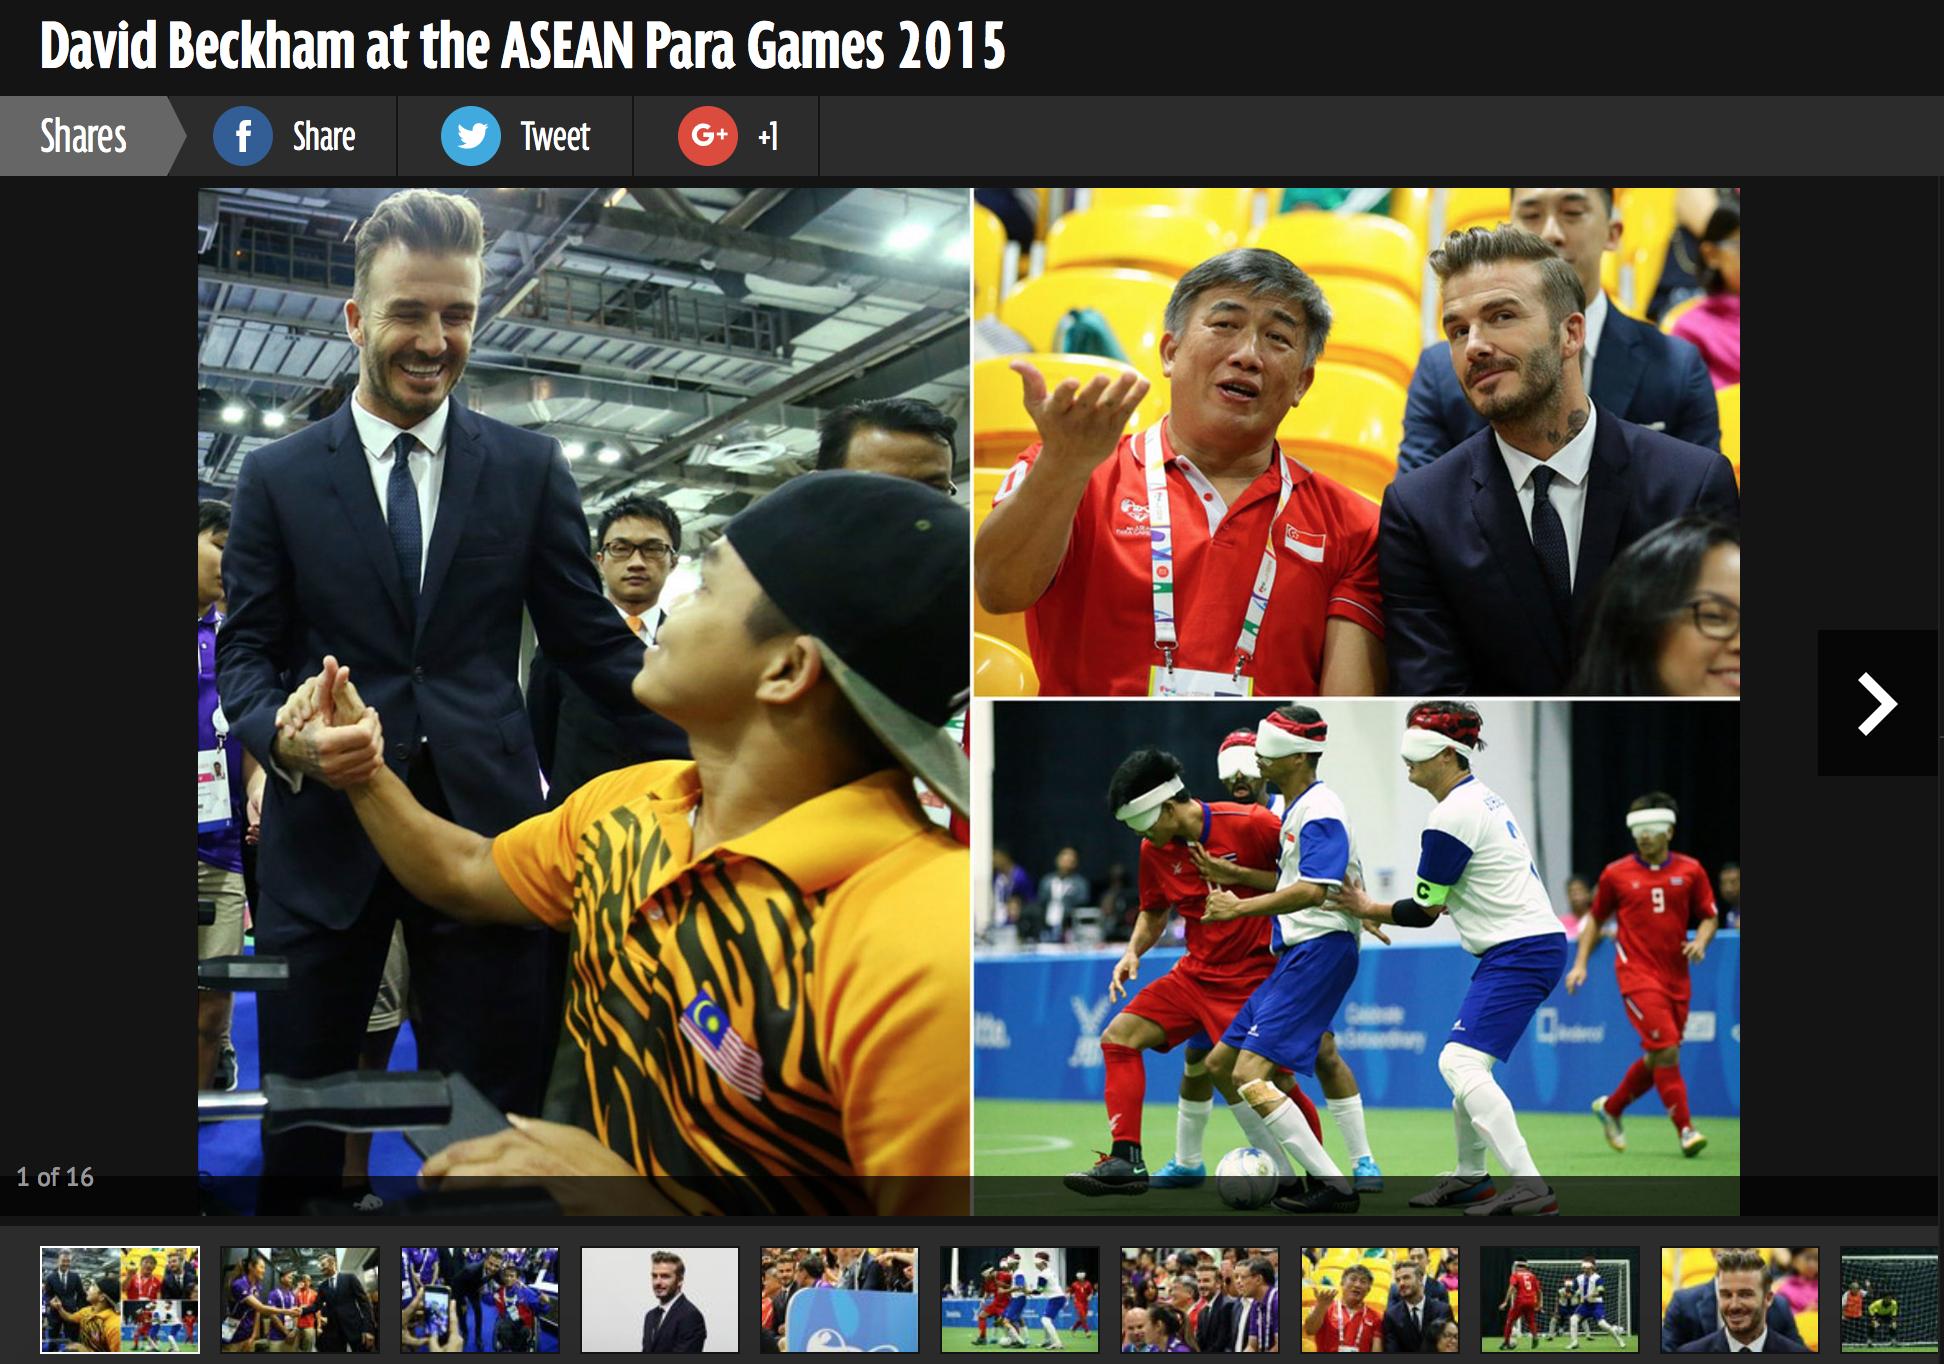 David Beckham visit, 8th ASEAN Para Games, Daily Mirror (mirror.co.uk)